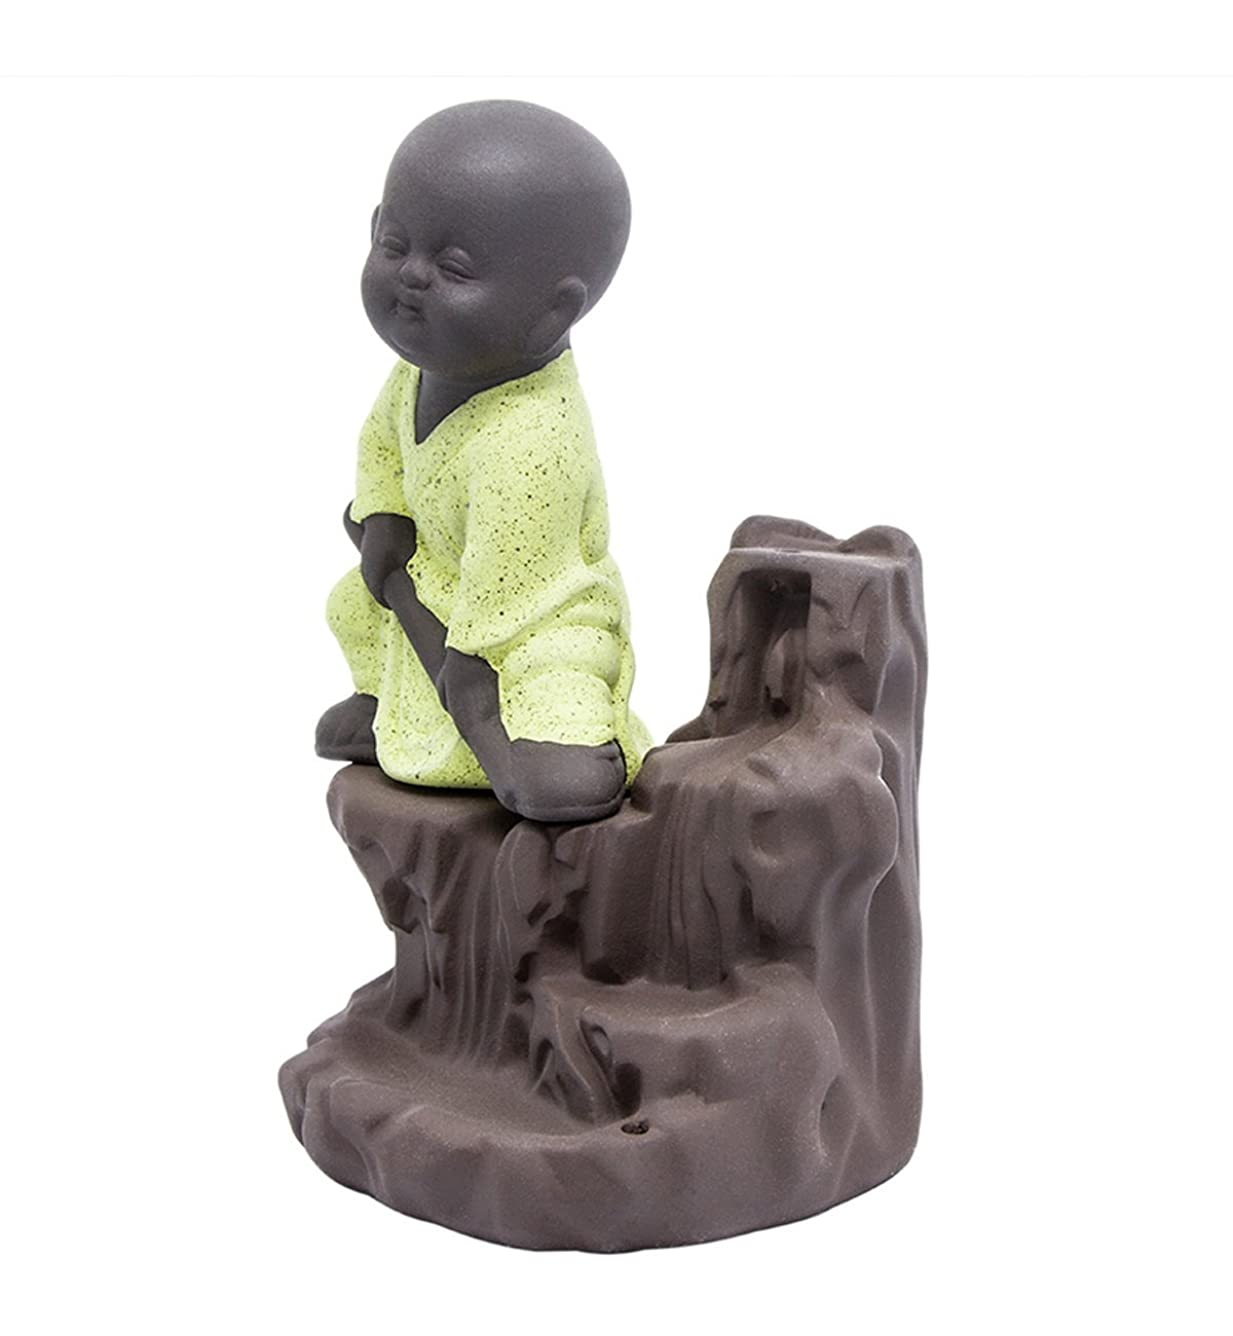 レーニン主義ますますスケート逆流香炉タワーCones Sticks Little Monkホルダーセラミック磁器Buddha Monk Ashキャッチャーby Simon & # xff08?;イエロー& # xff09?;